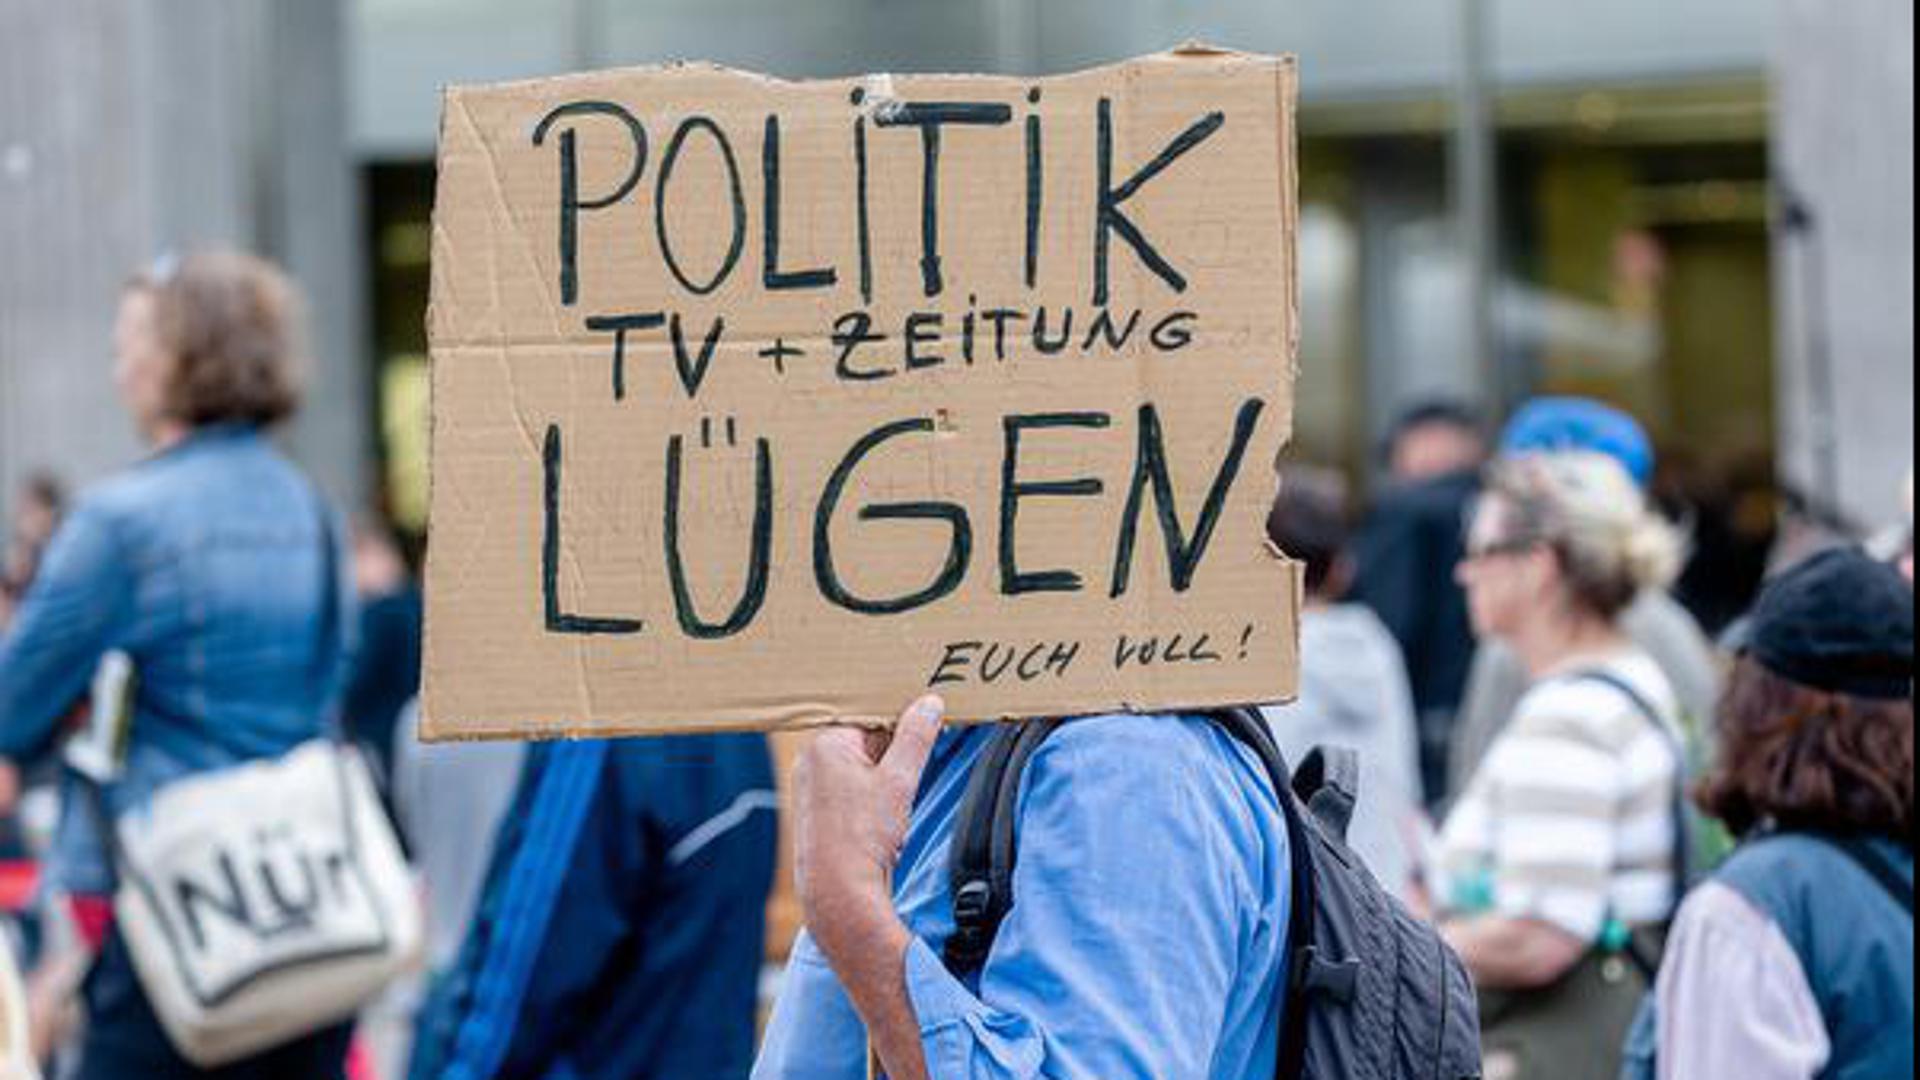 """Ein Mann hält bei einer Querdenken-Demonstration unter dem Motto """"Gemeinsam und gewaltfrei für die Aufhebung der Coronamaßnahmen"""" ein Plakat mit der Aufschrift """"Politik, TV und Zeitung lügen euch voll!"""" hoch."""